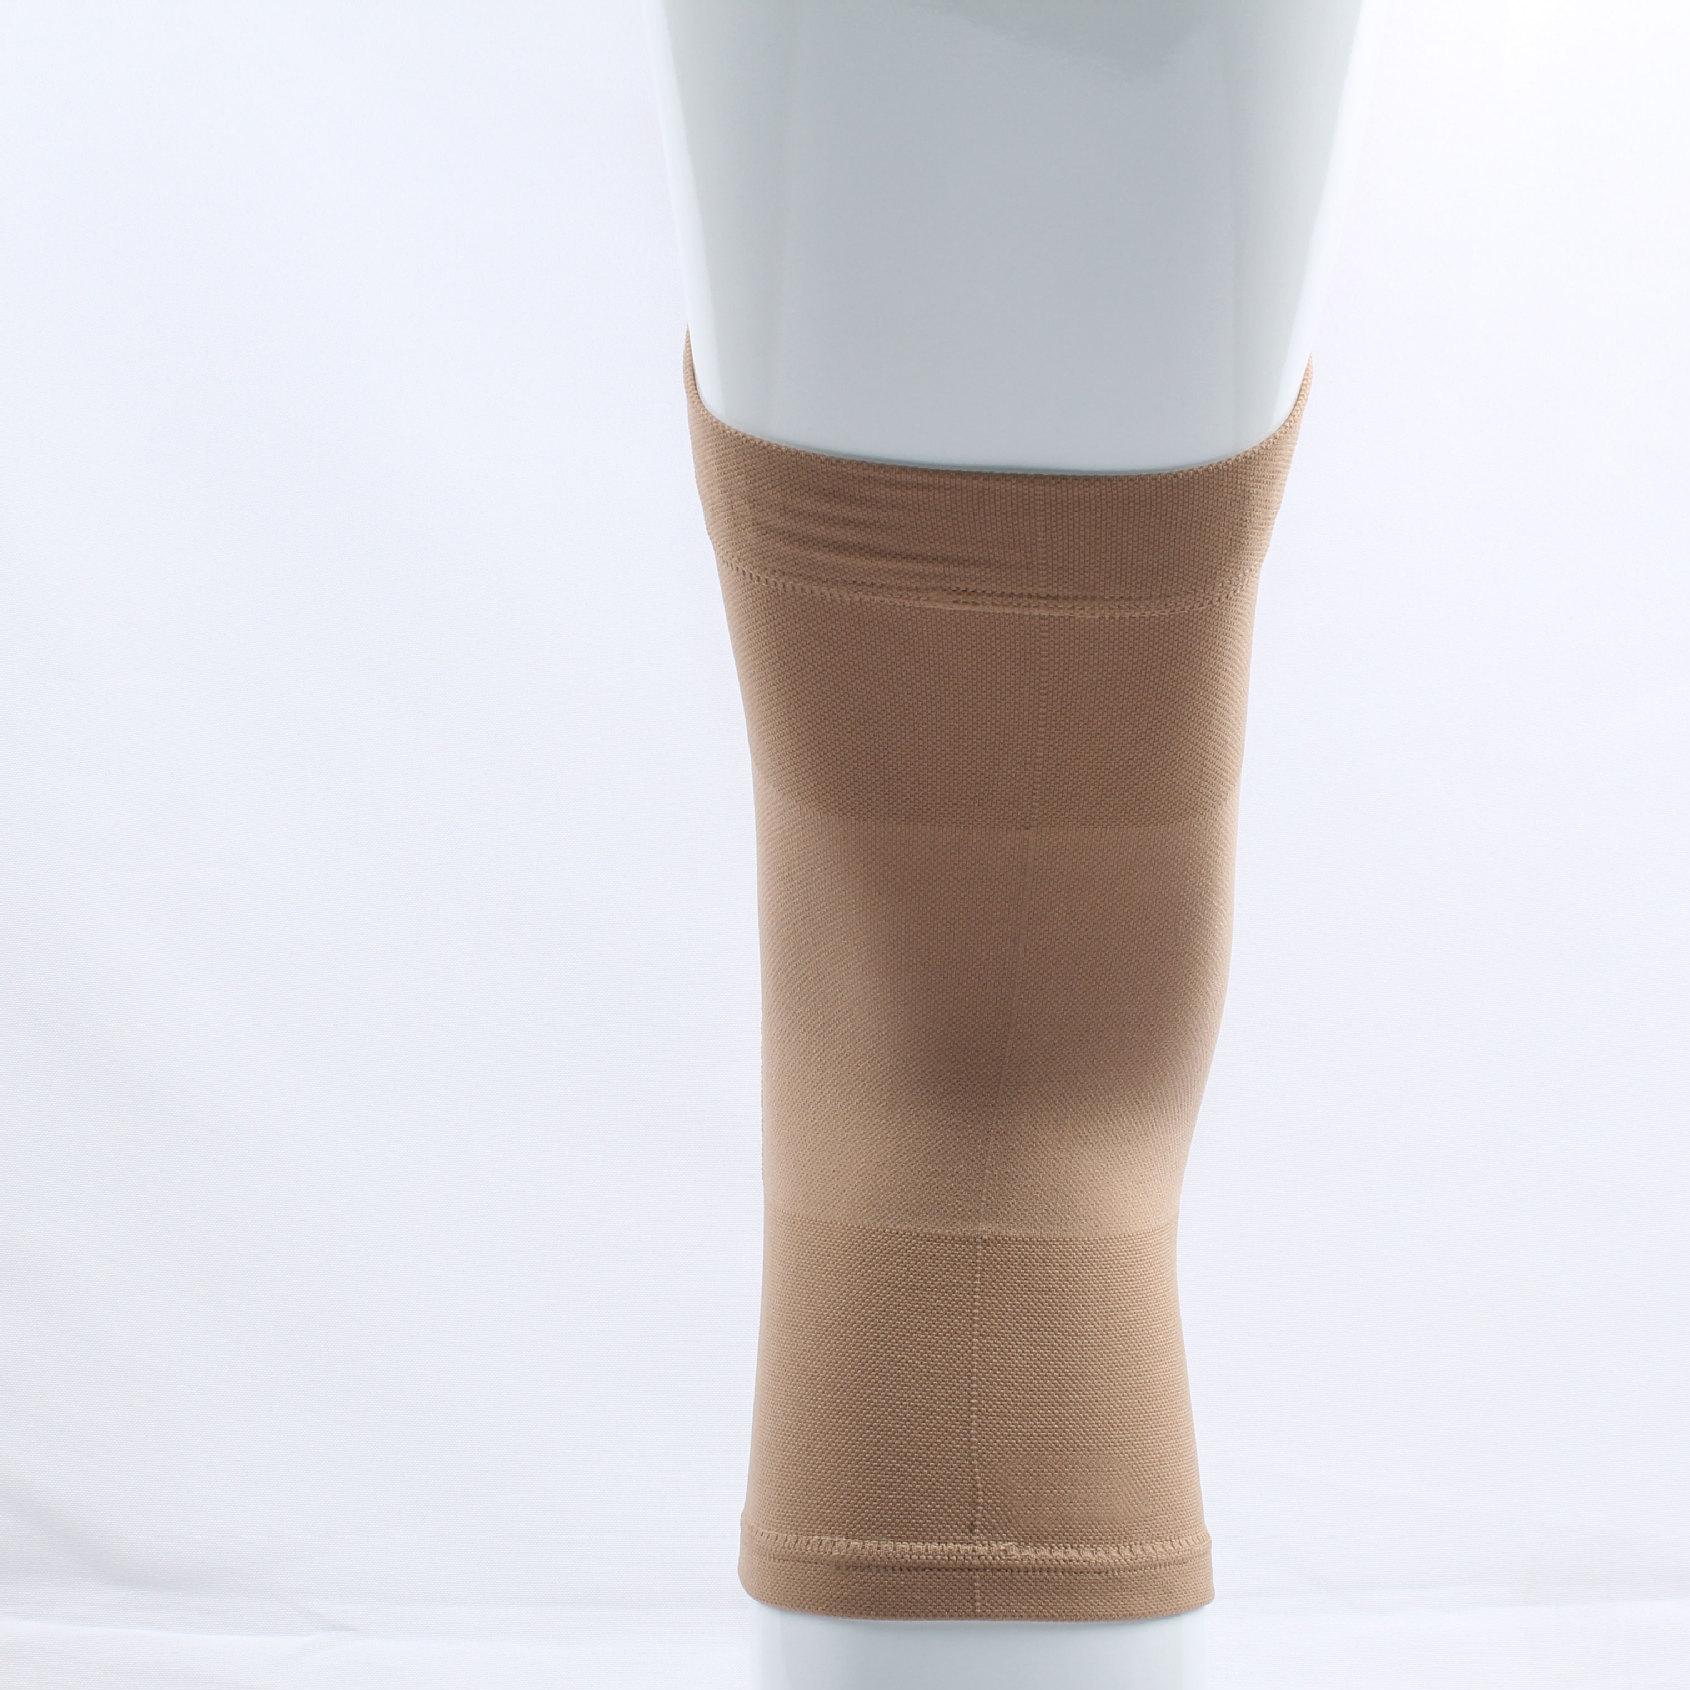 加硅胶压力护膝  空调房保暖保健护膝  运动压力护膝护具工厂OEM